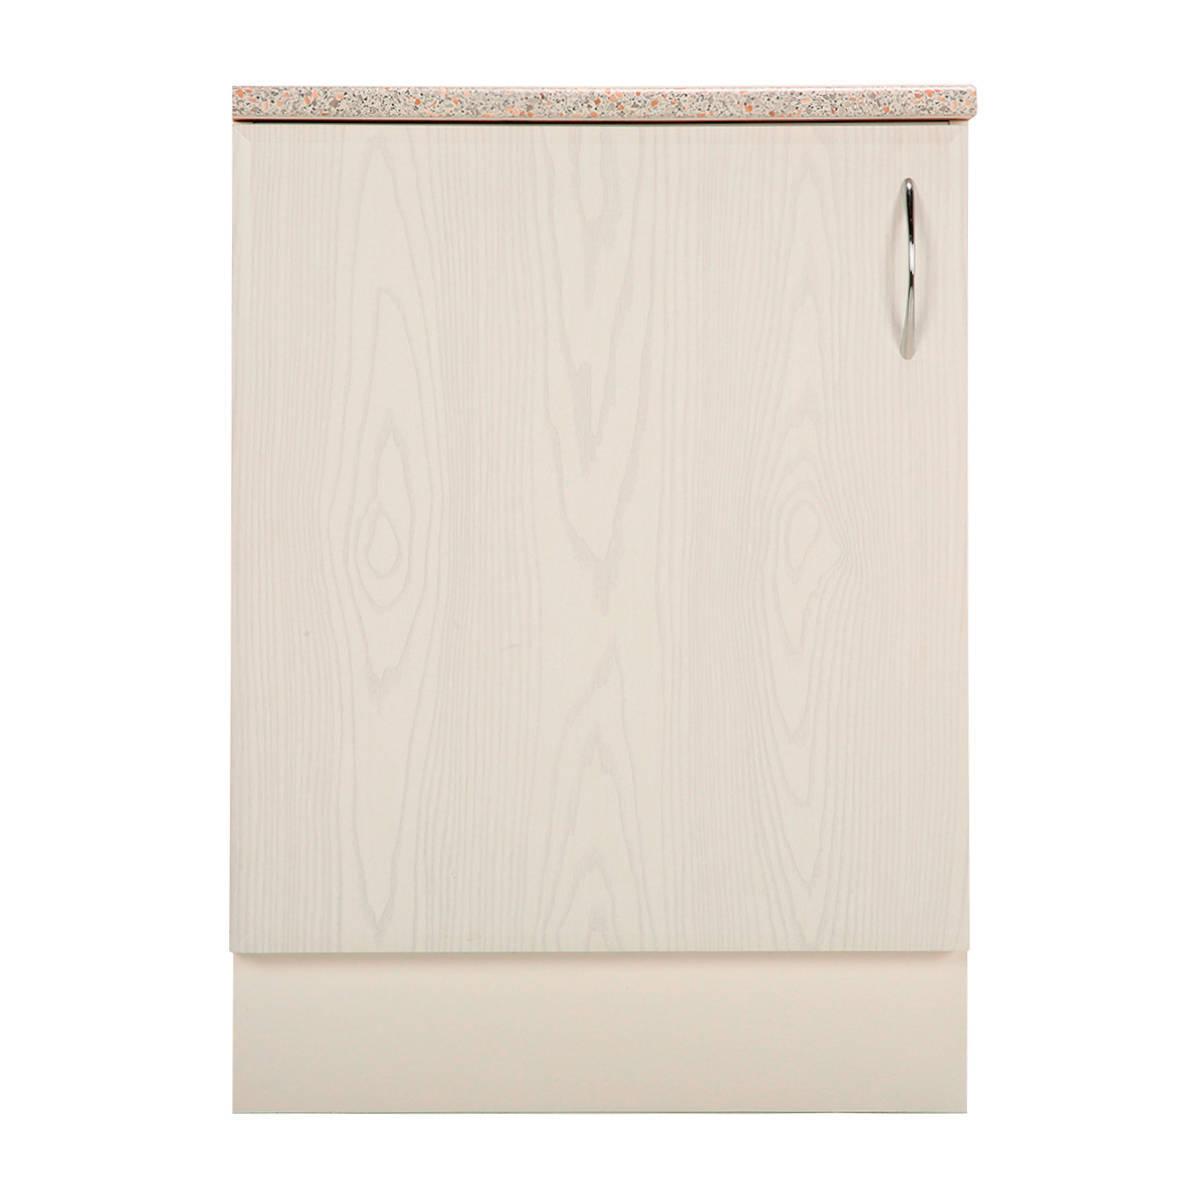 Шкаф напольный Рондо 85х60 см МДФ цвет белый